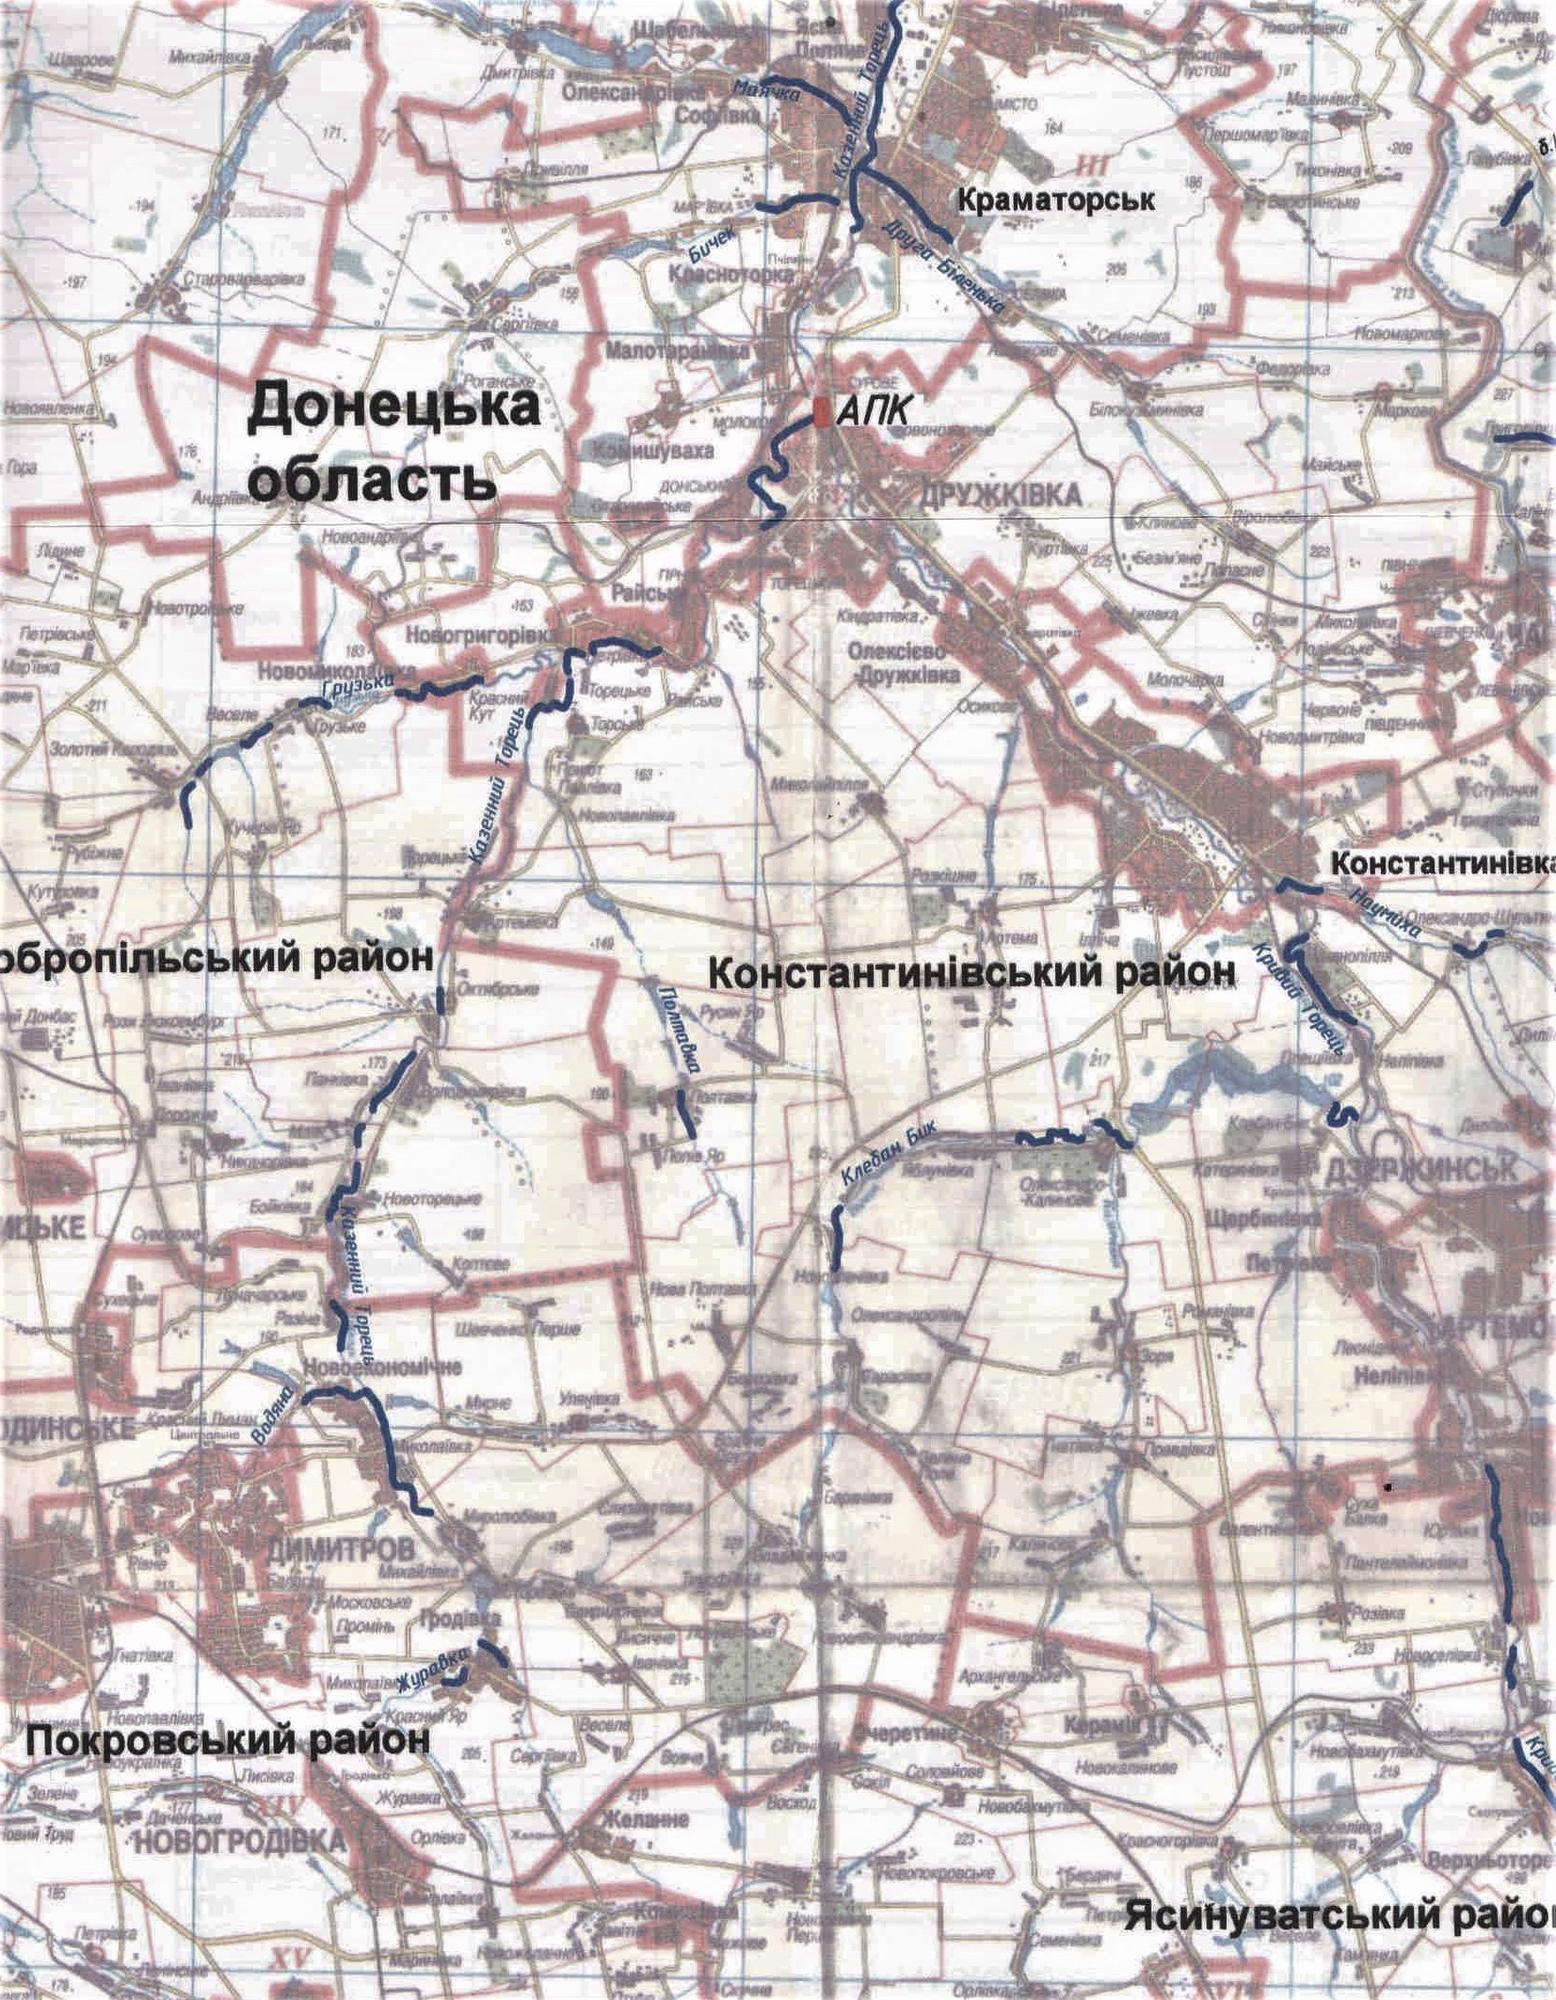 карта Донецкой области с реками